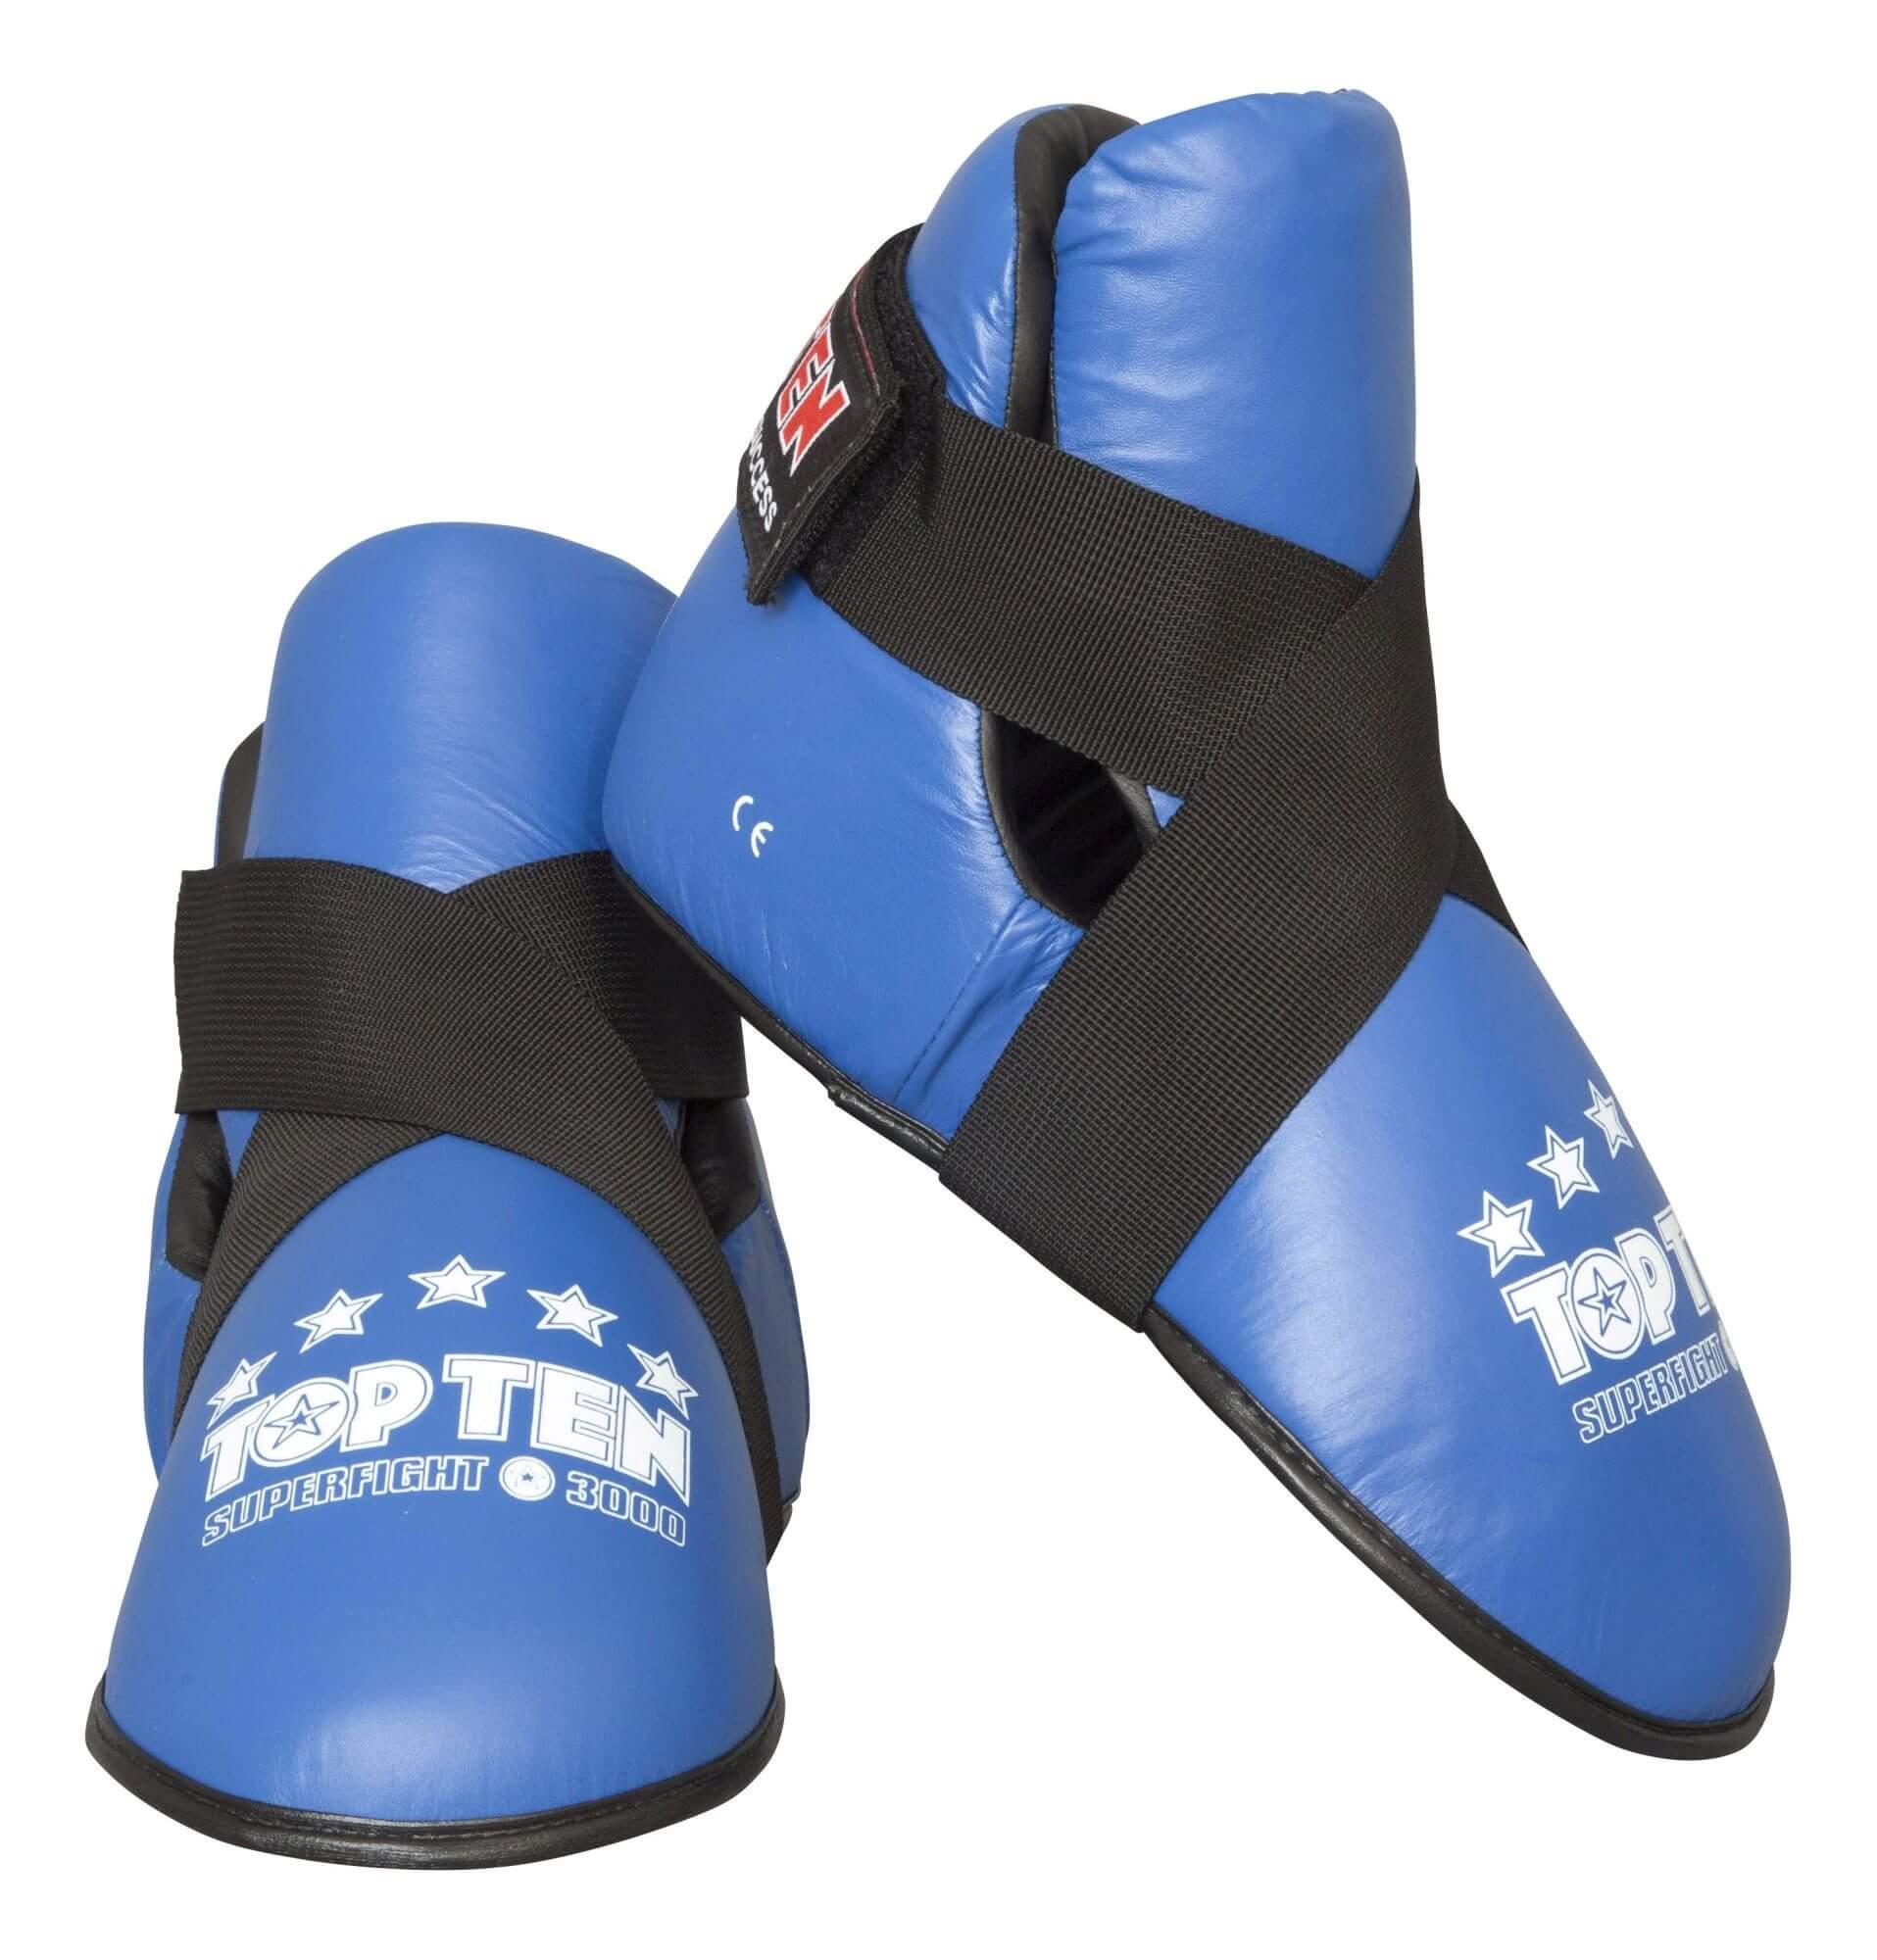 Kicks Superfight 3000 Blau